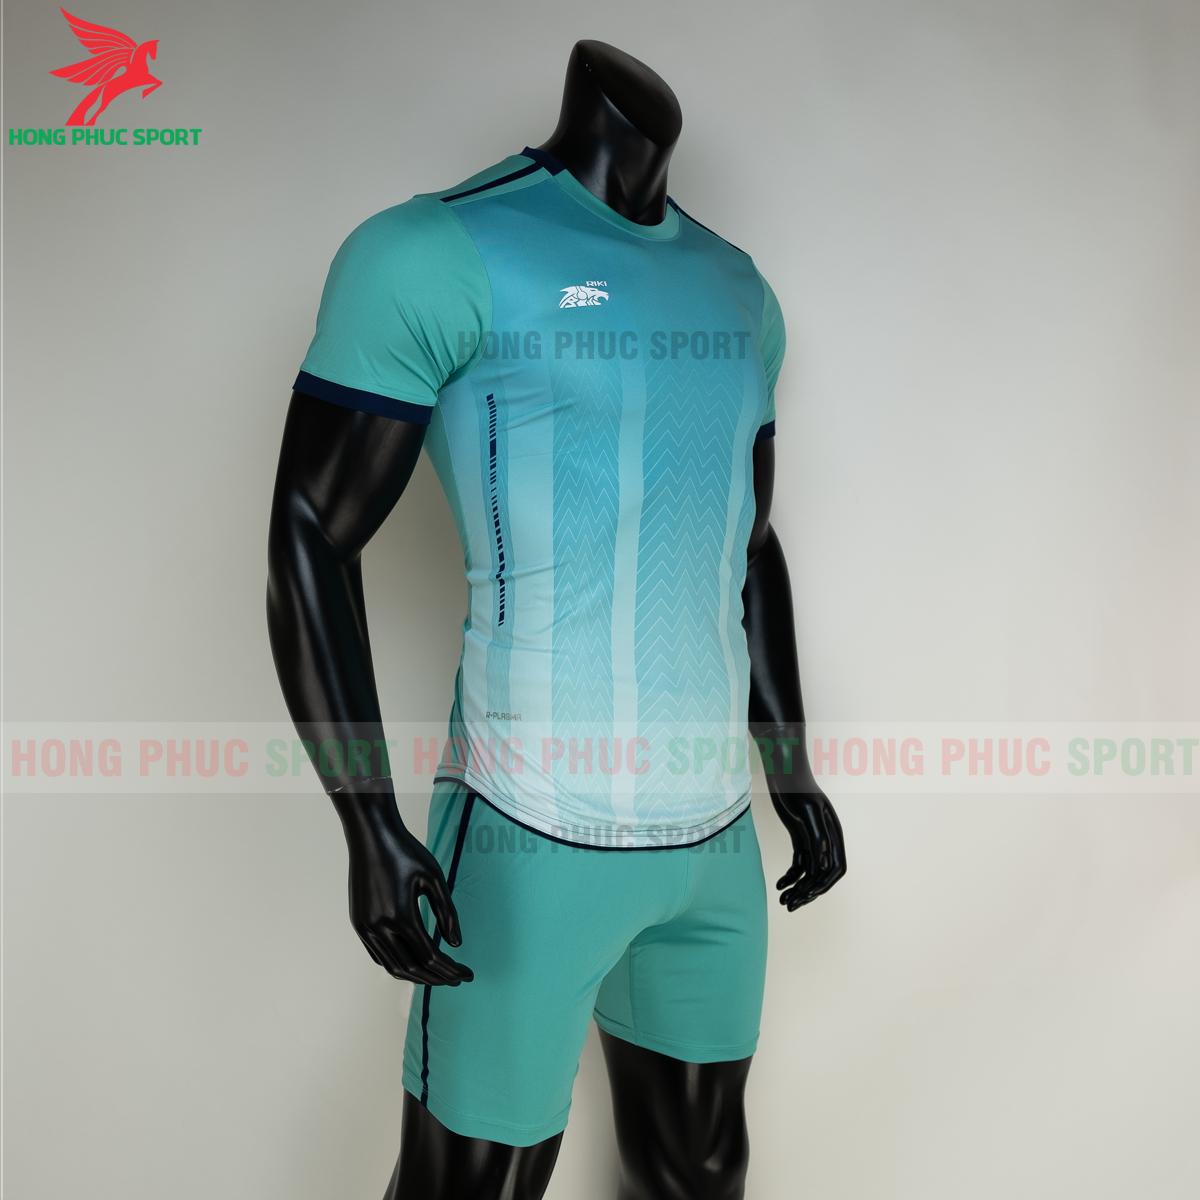 Áo đá banh không logo RIKI FURIOR 2021 màu Xanh ngọc (phải)